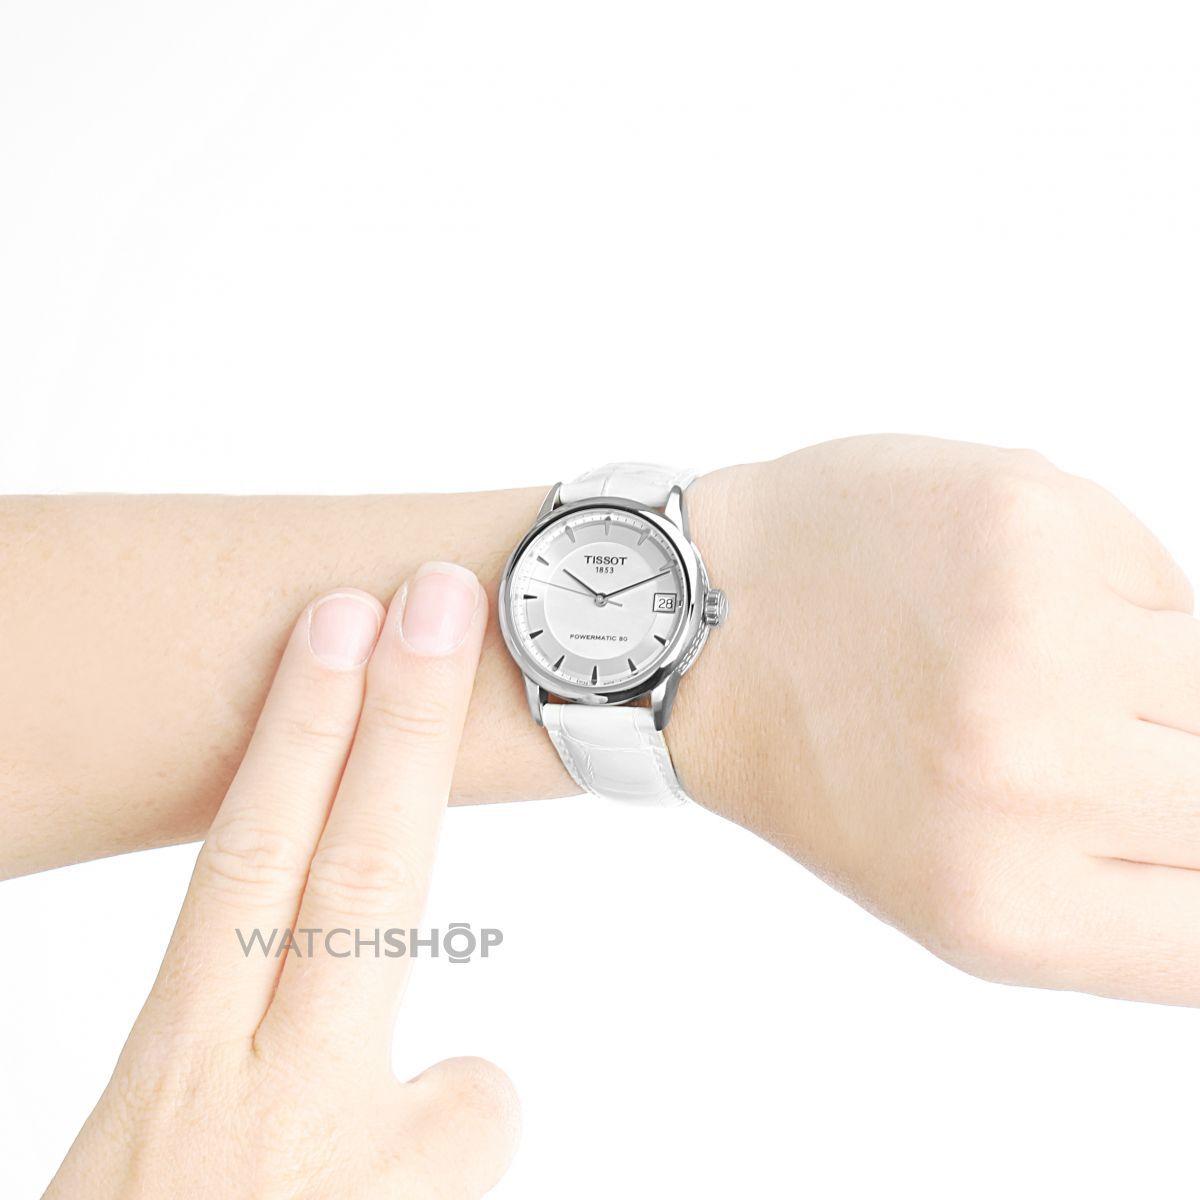 образ жизни часы женские наручные швейцария тиссот купить в стоит